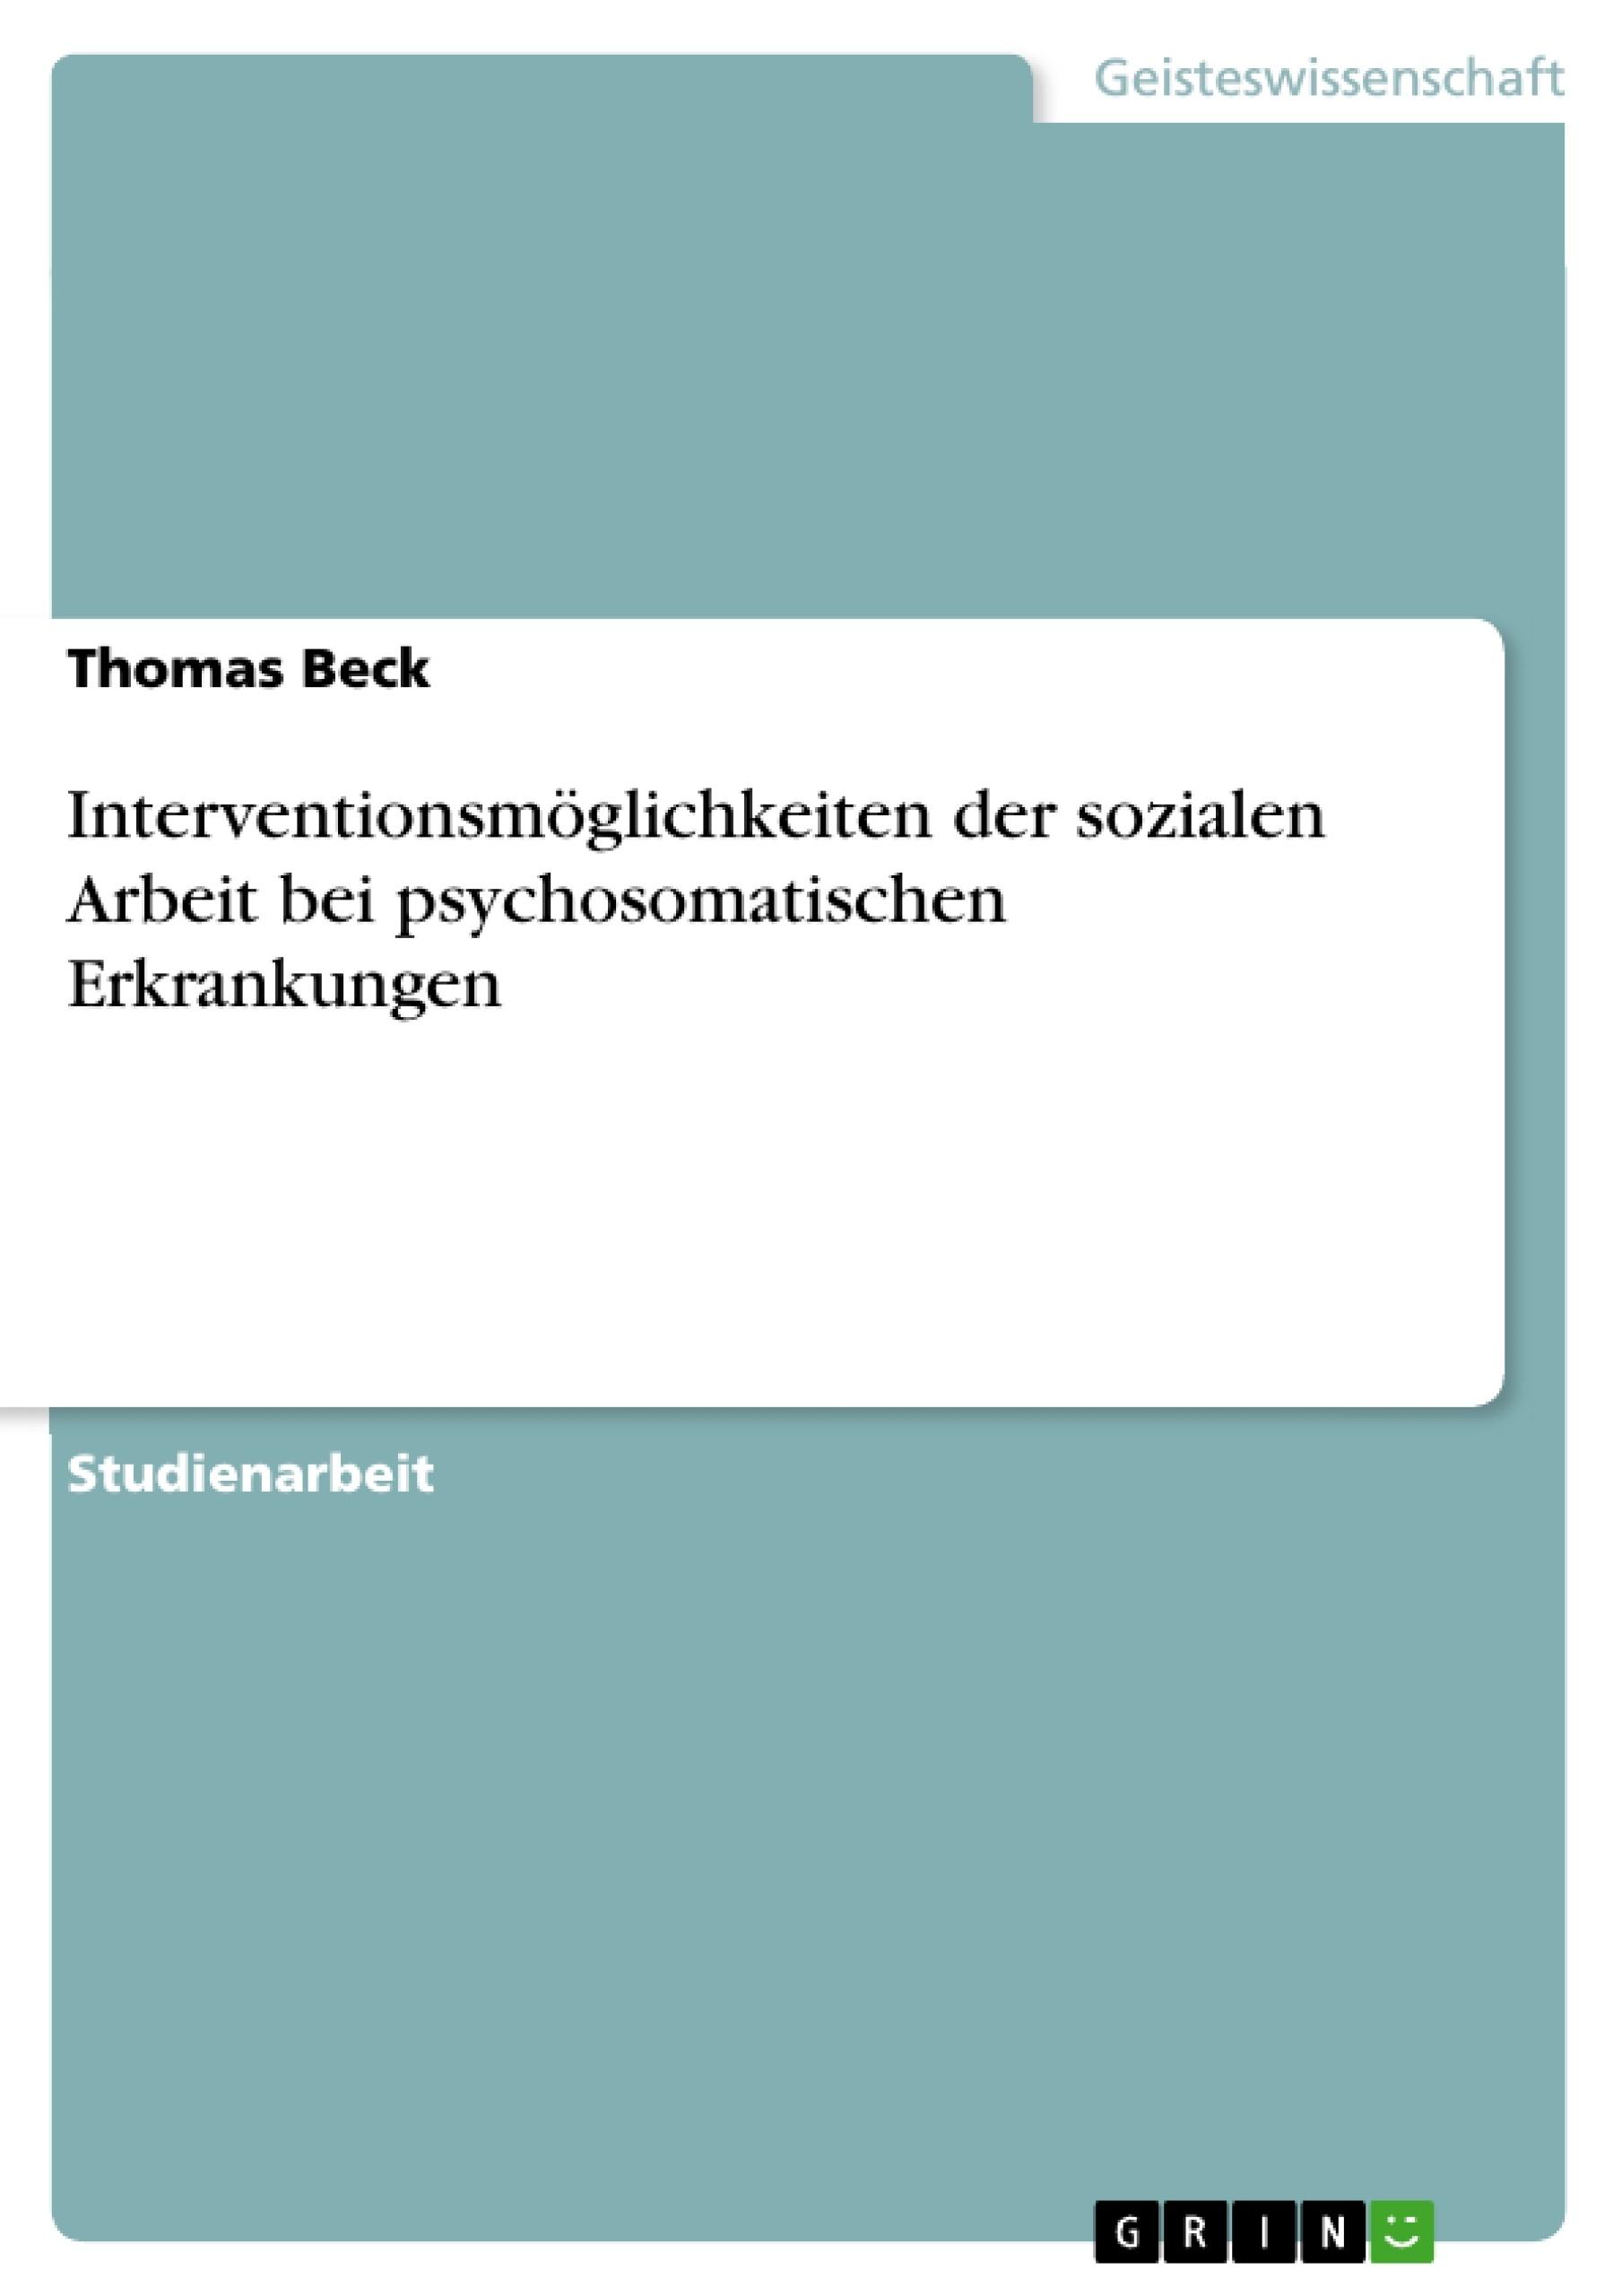 Titel: Interventionsmöglichkeiten der sozialen Arbeit bei psychosomatischen Erkrankungen